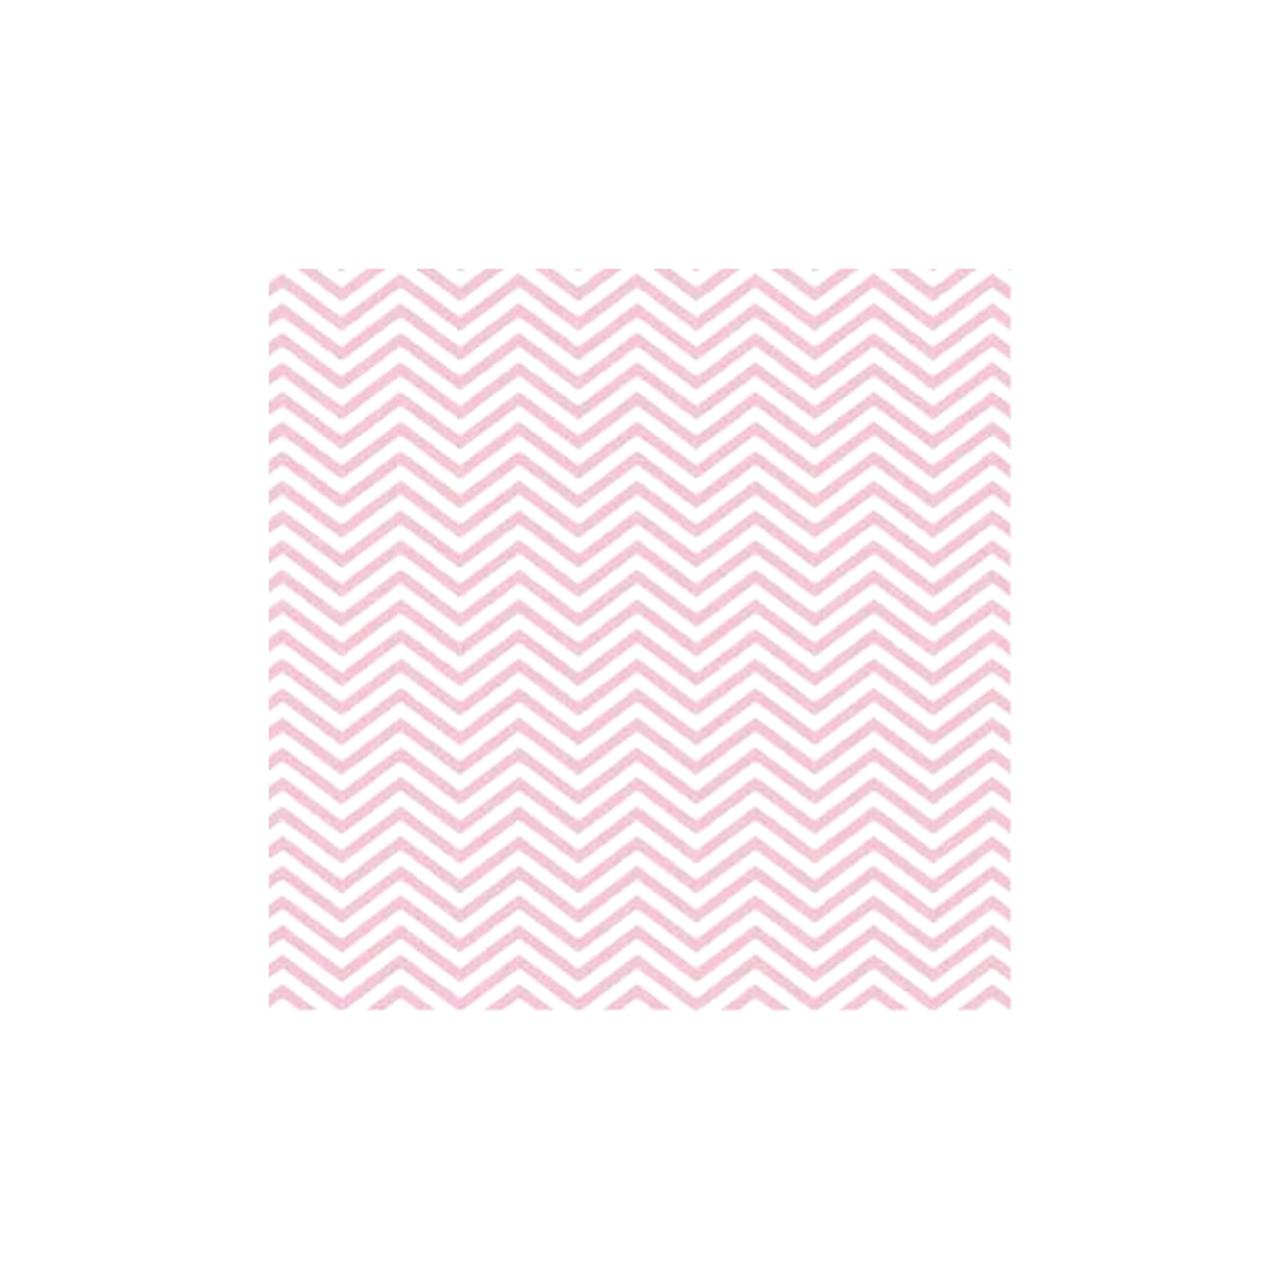 Jogo de lençol mini cama 100% algodão chevron coração rosa